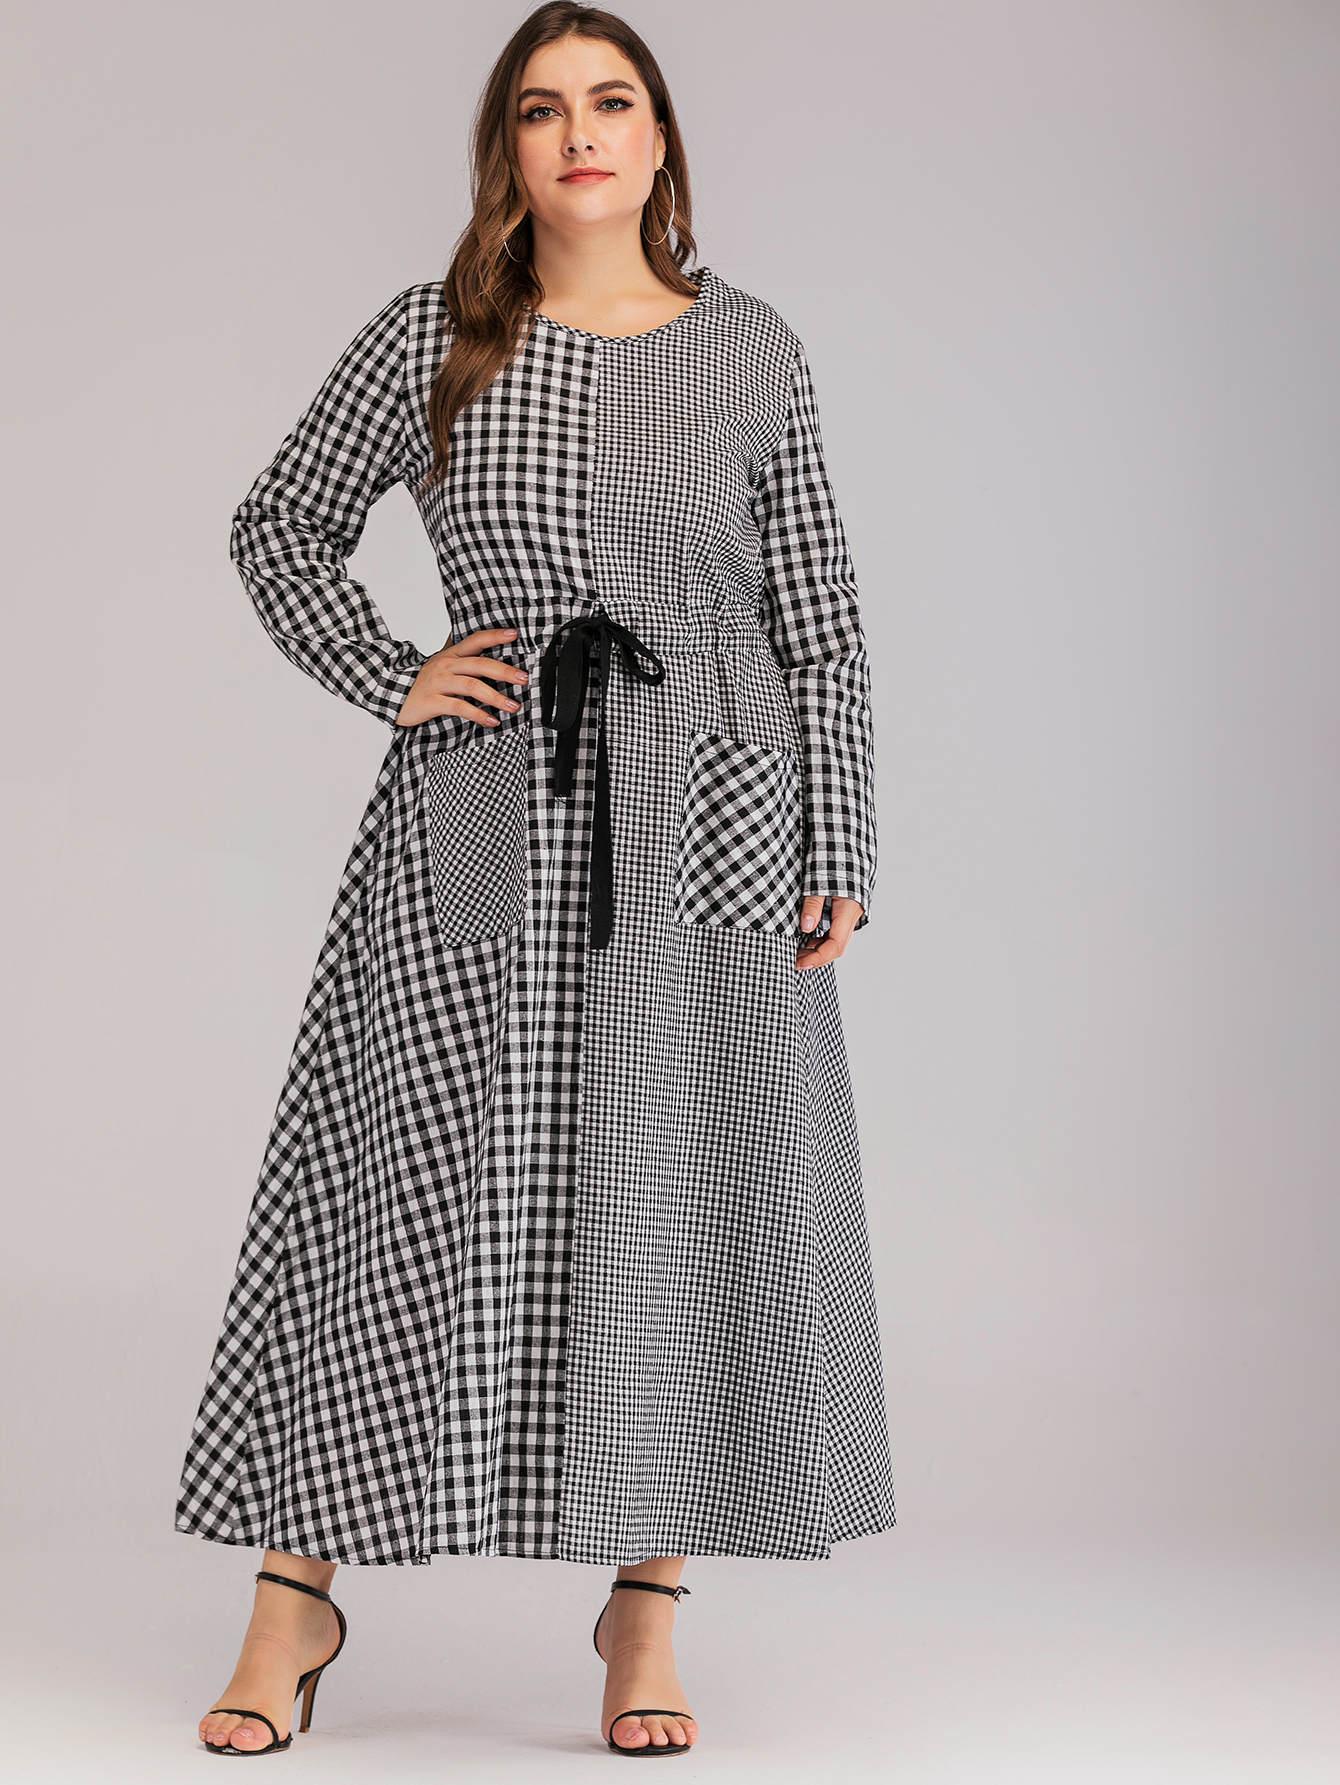 Фото - Платье в клетку на кулиске с карманом размера плюс от SheIn цвет чёрнобелые